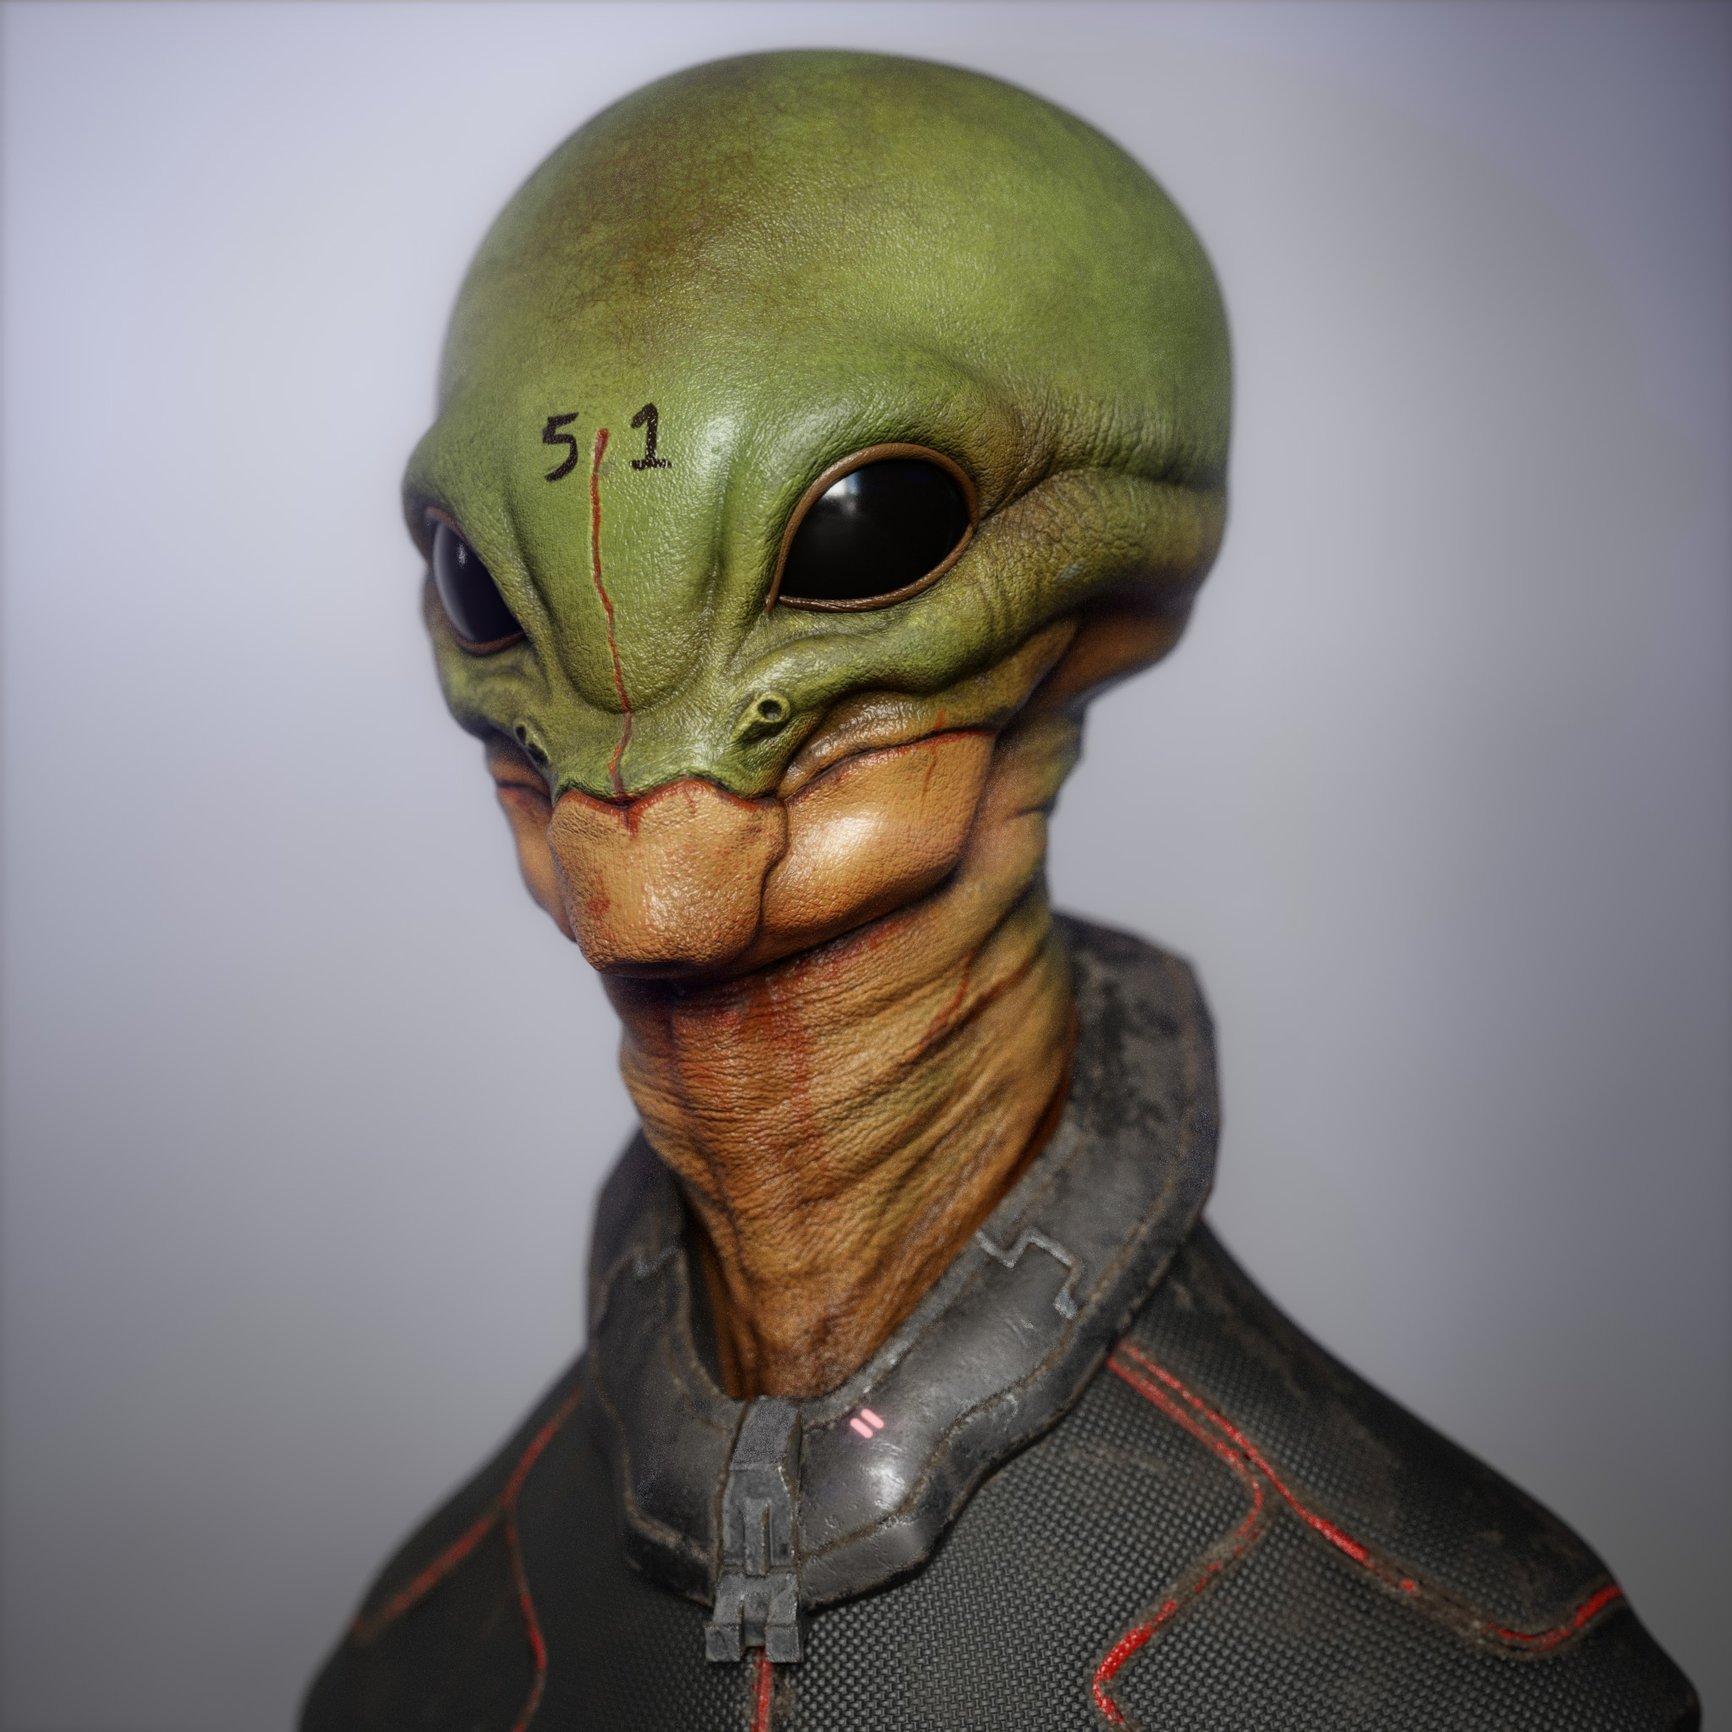 Area 51 Alien — polycount